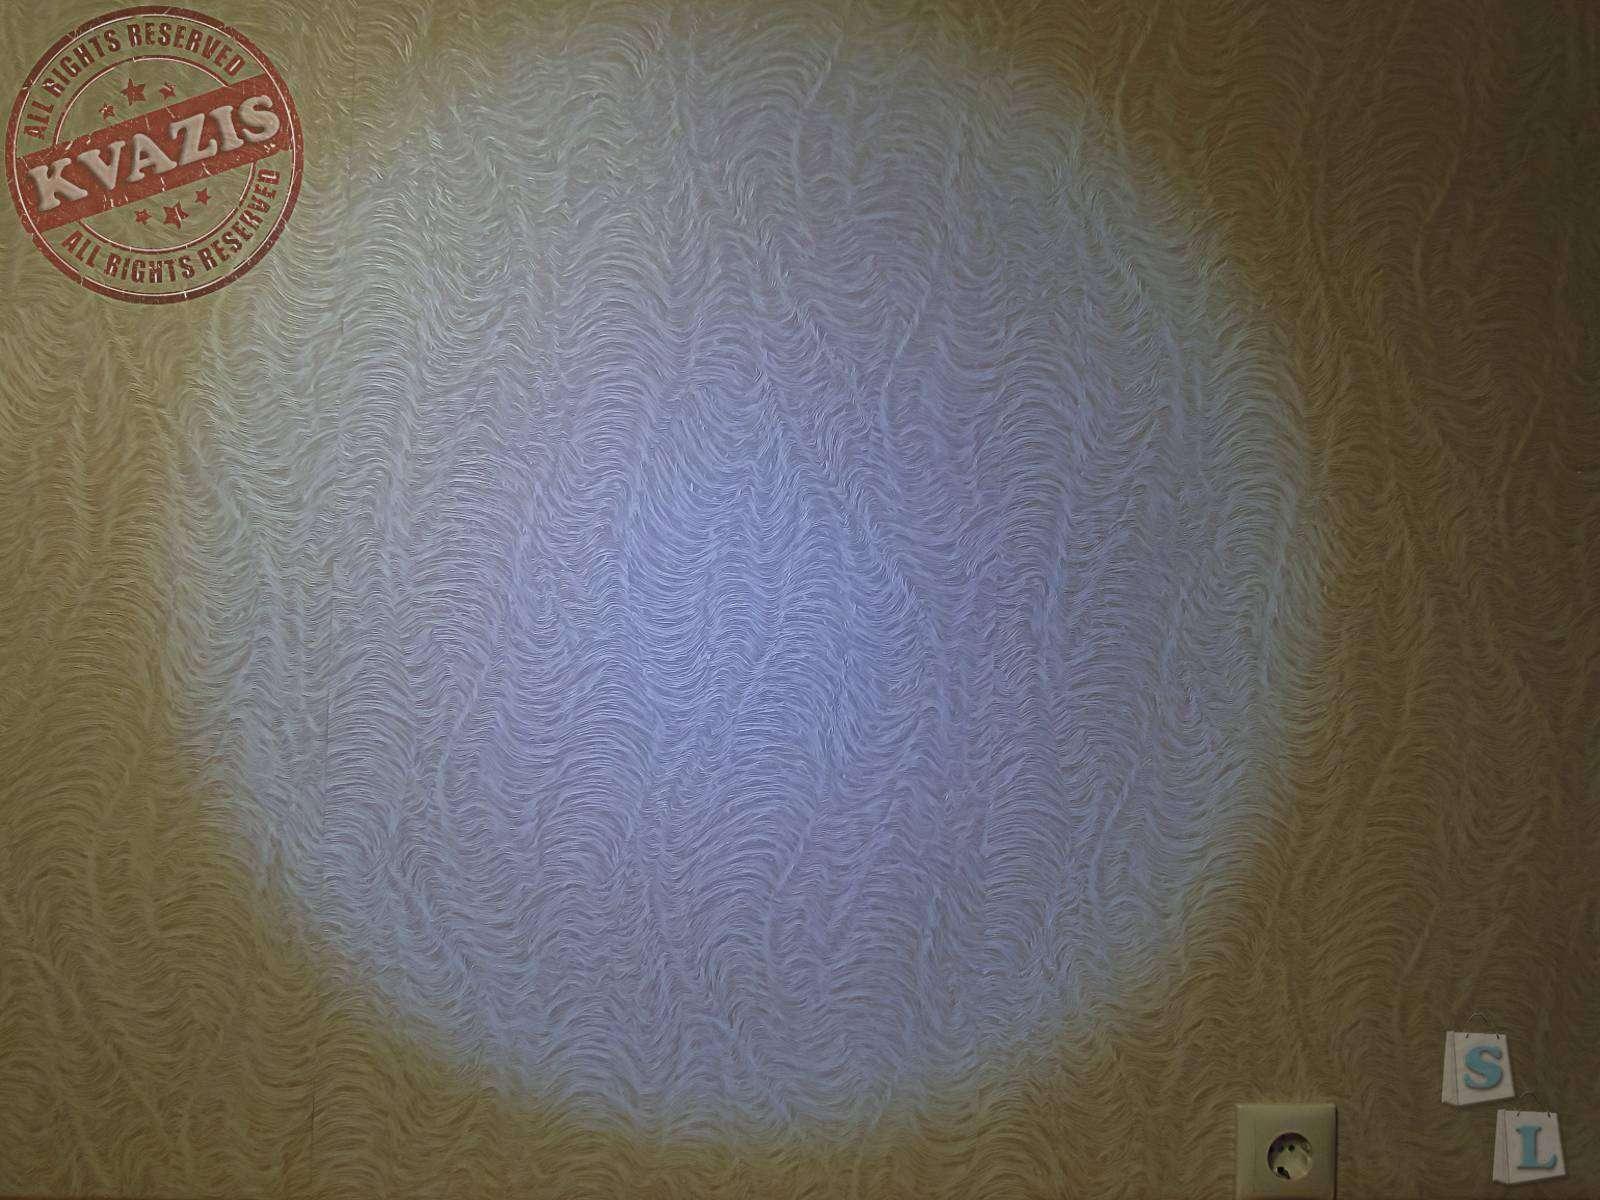 Обзор фонарика TK68 XPE R3 220 lumens по акции от DD4